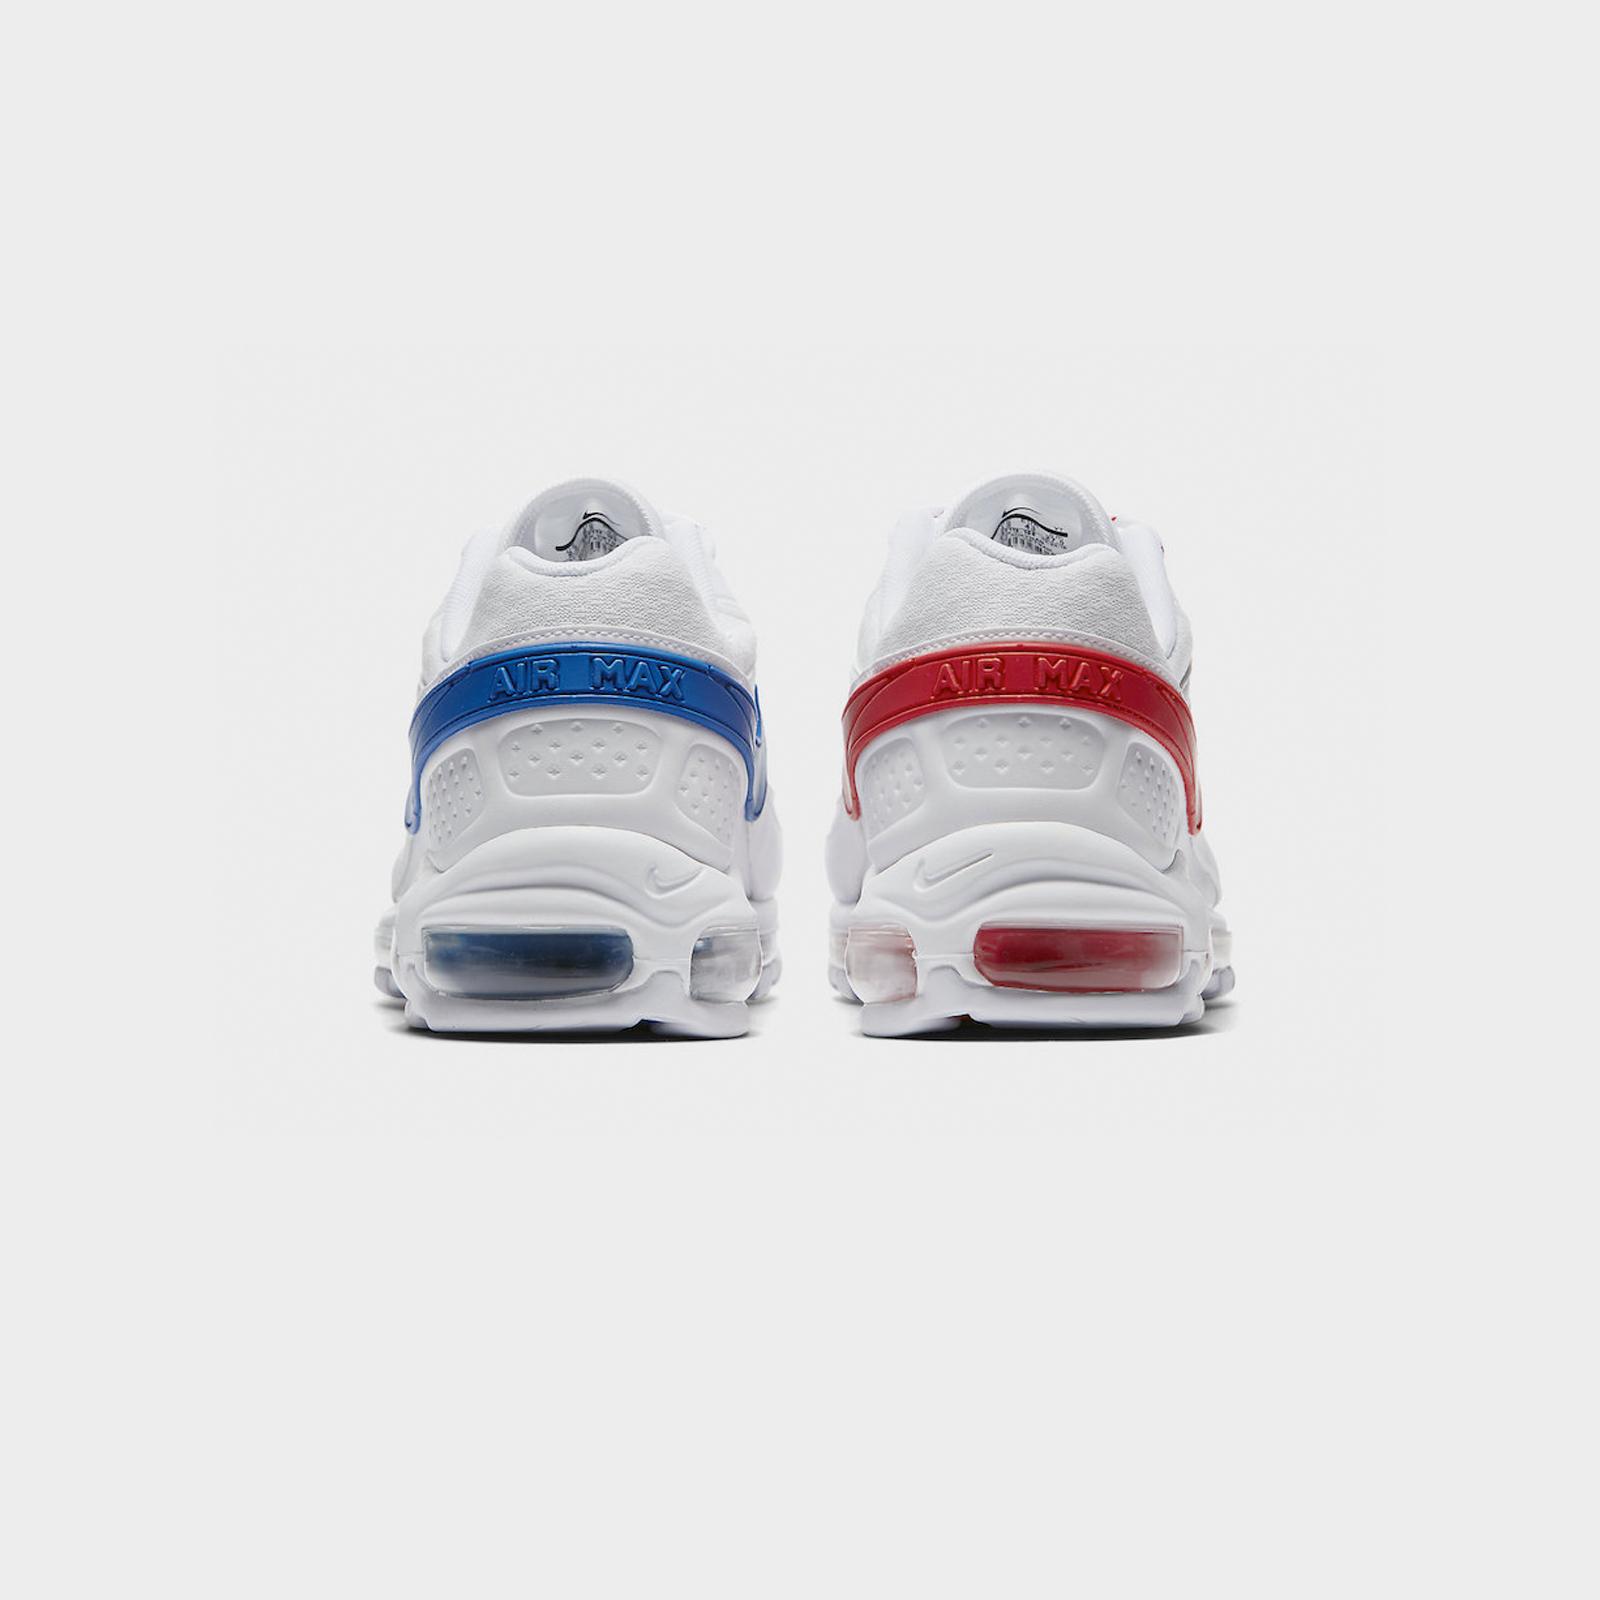 Skepta x Nike Air Max 97BW Sk Air II Summit WhiteHyper Cobalt AO2113 100